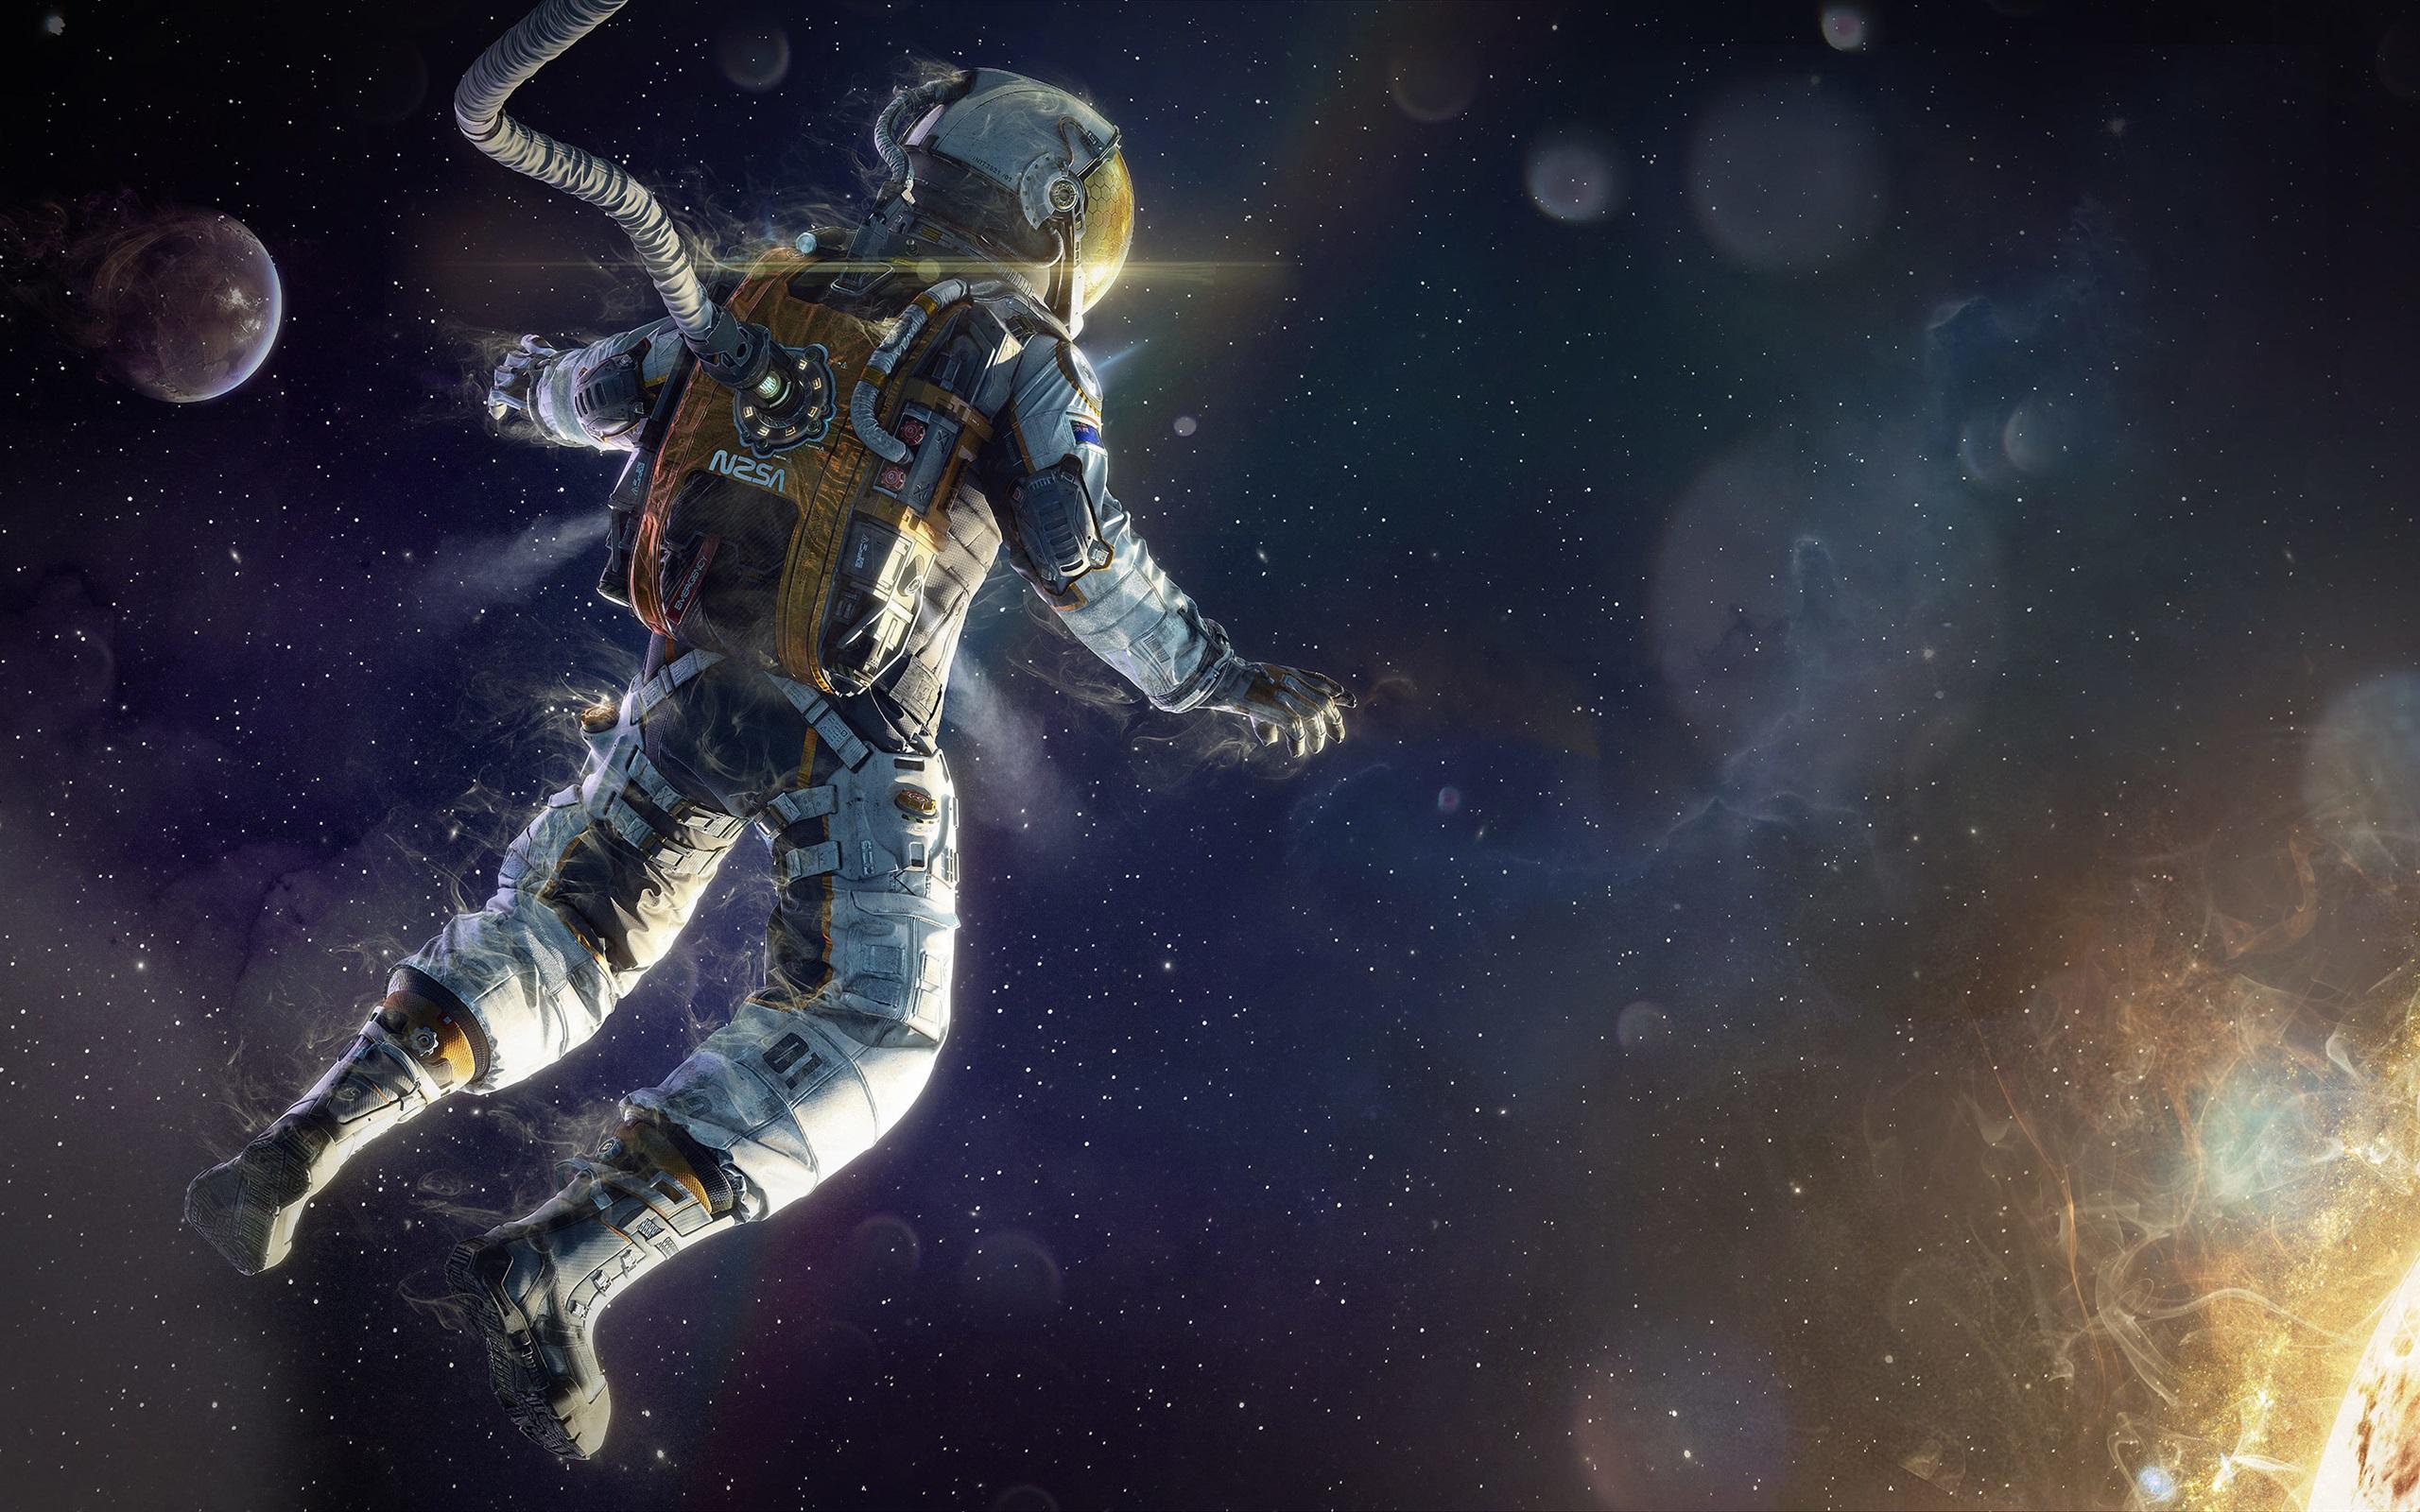 壁纸 宇航员漂浮在空间,行星,恒星 2560x1600 HD 高清壁纸, 图片, 照片